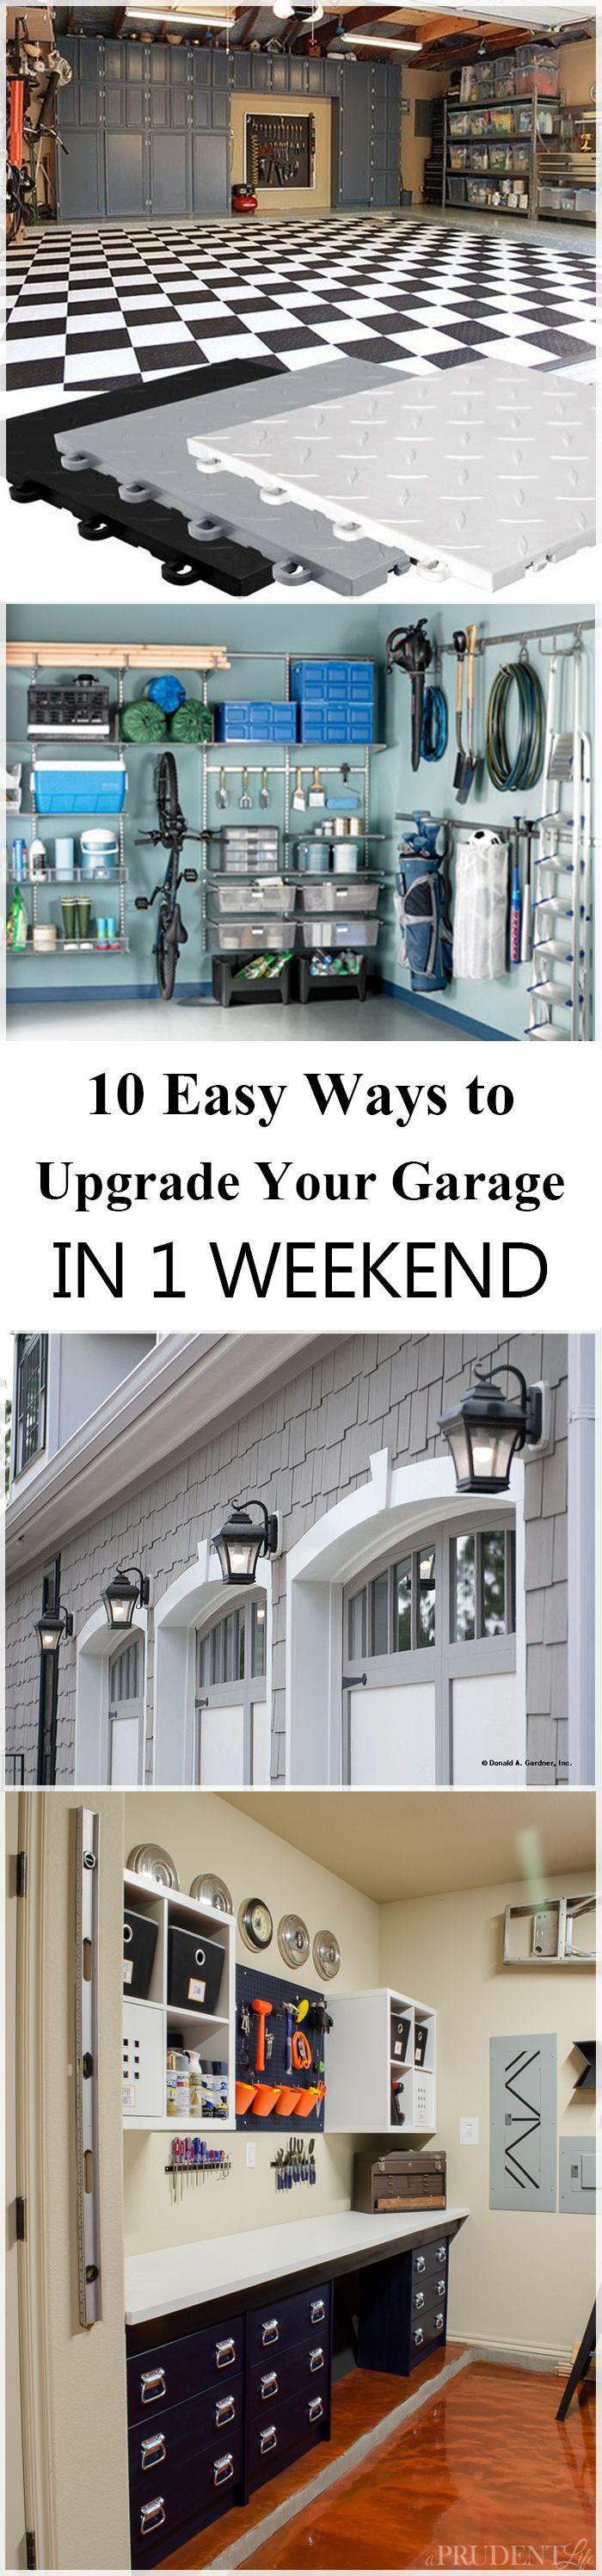 best 25+ garage storage ideas on pinterest | diy garage storage